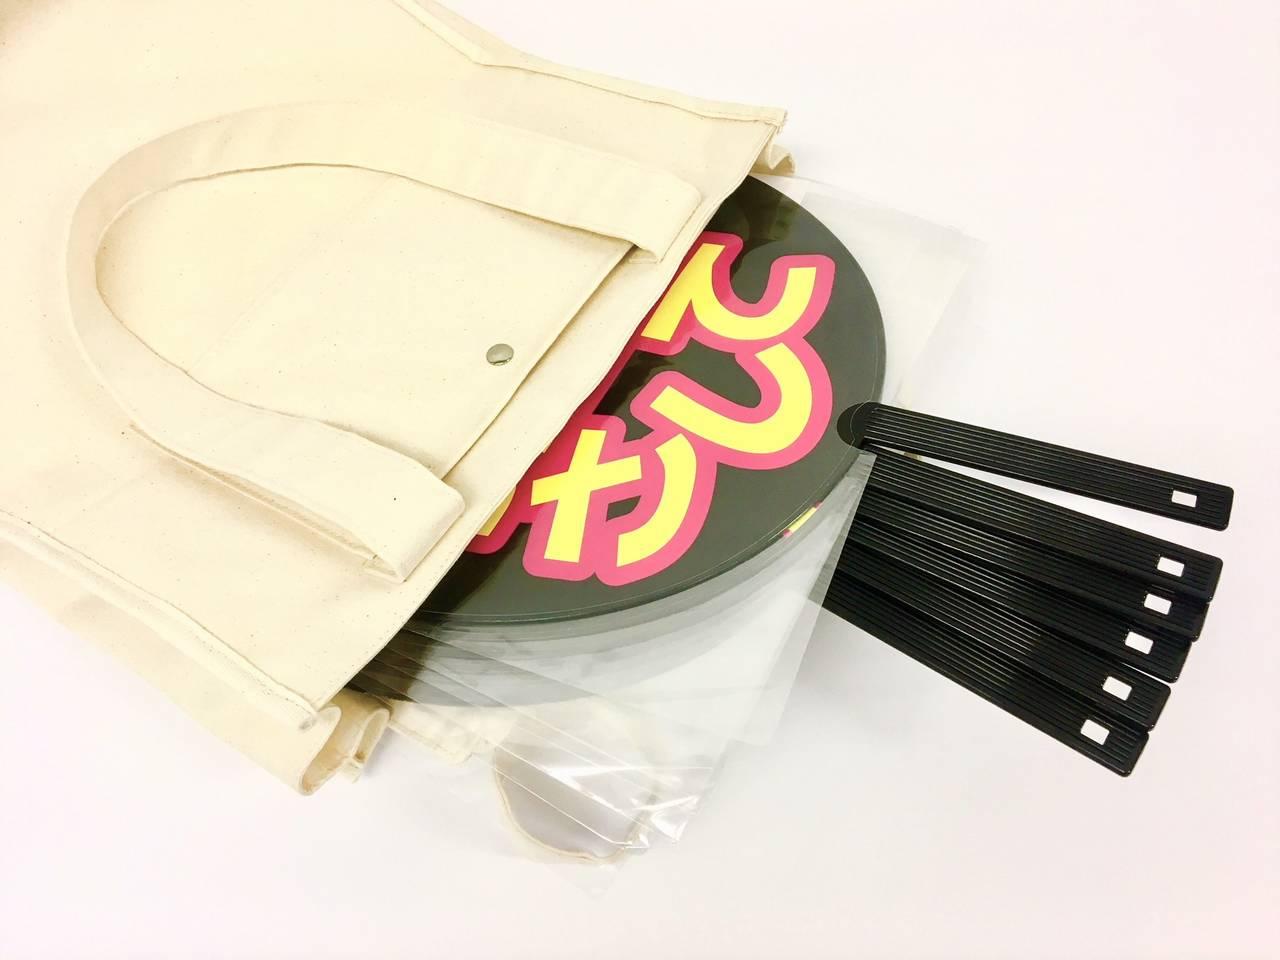 「推し事」にぴったり♪ ジャンボうちわが柄まですっぽり入る「エマデトートバッグ」発売決定!